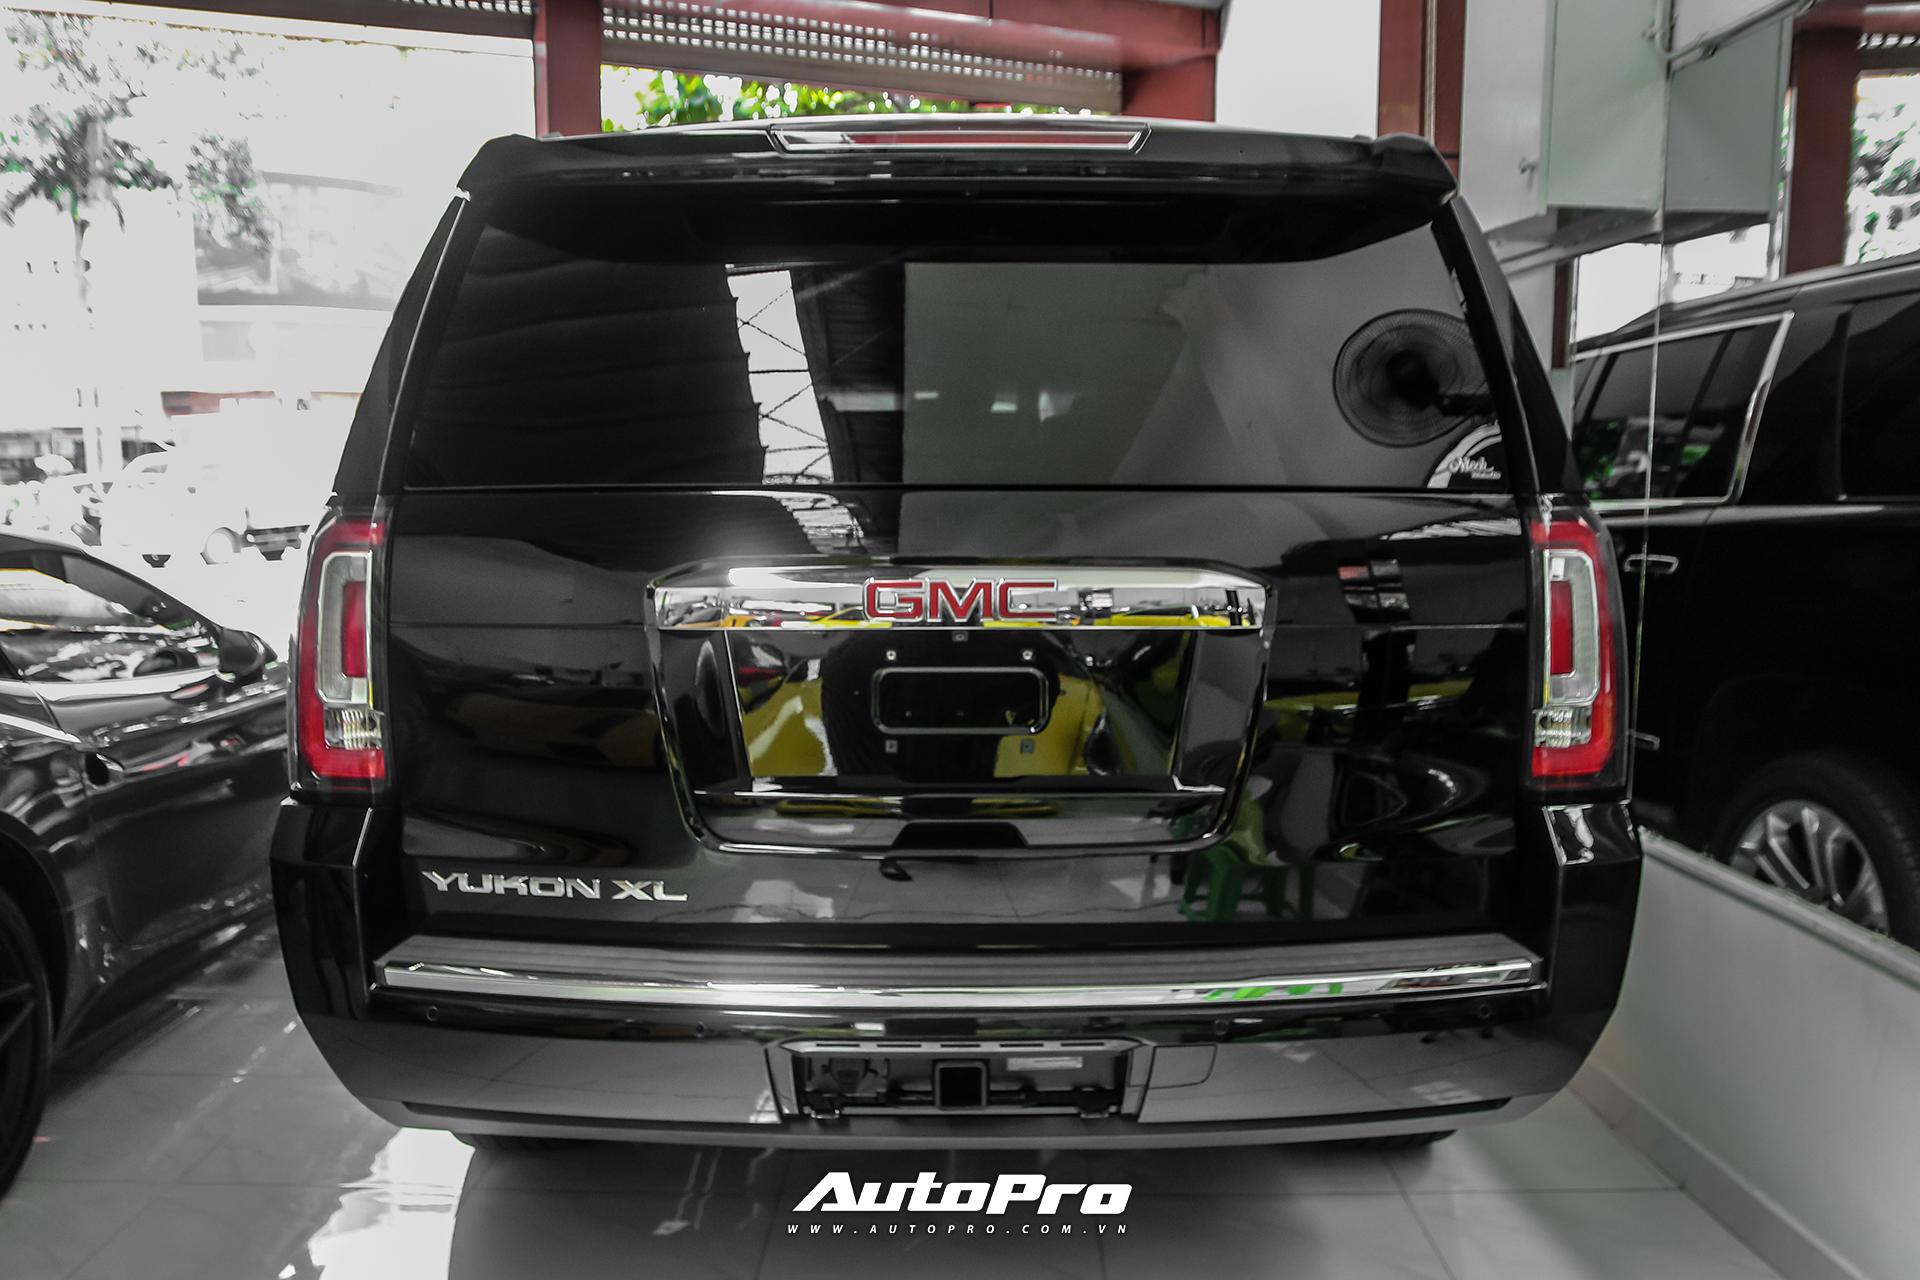 GMC Yukon Denali XL trang bị khối động cơ EcoTec3 V8 6.2L, cho công suất 420 mã lực tại 5.600 vòng/phút và mô-men xoắn 623 Nm tại 4.100 vòng/phút. Hộp số tự động 6 cấp và hệ dẫn động bốn bánh.